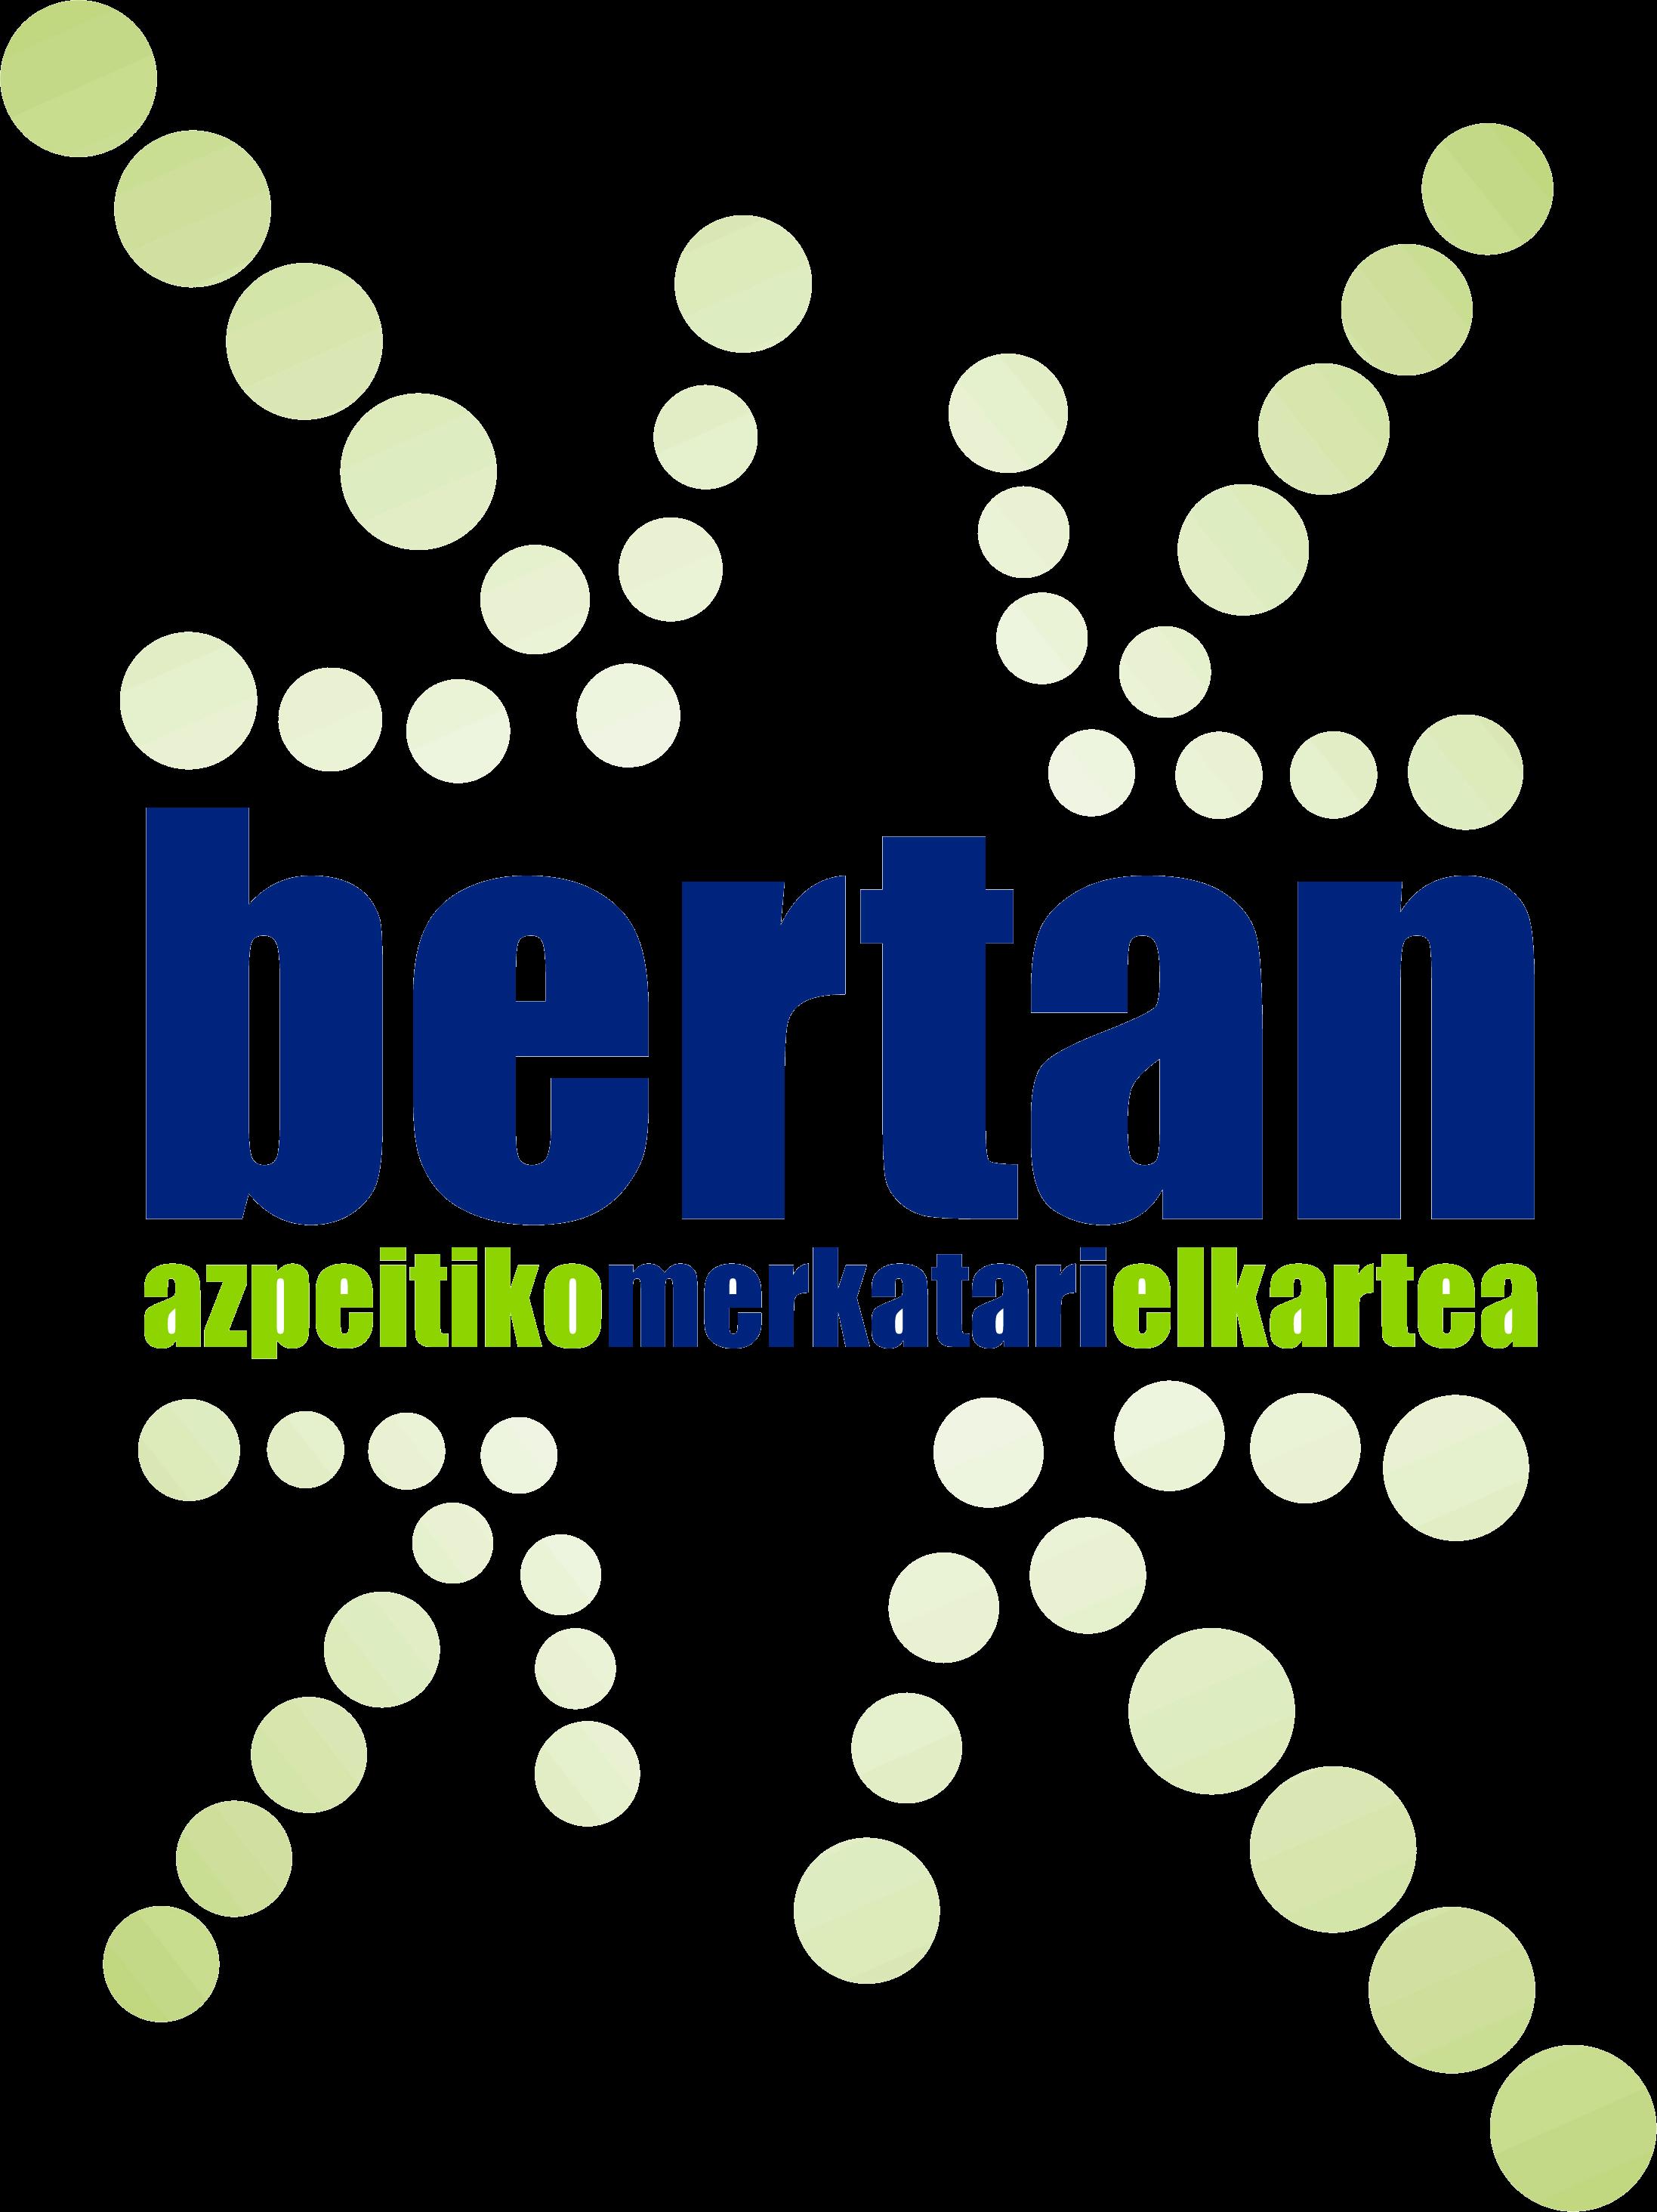 Bertan